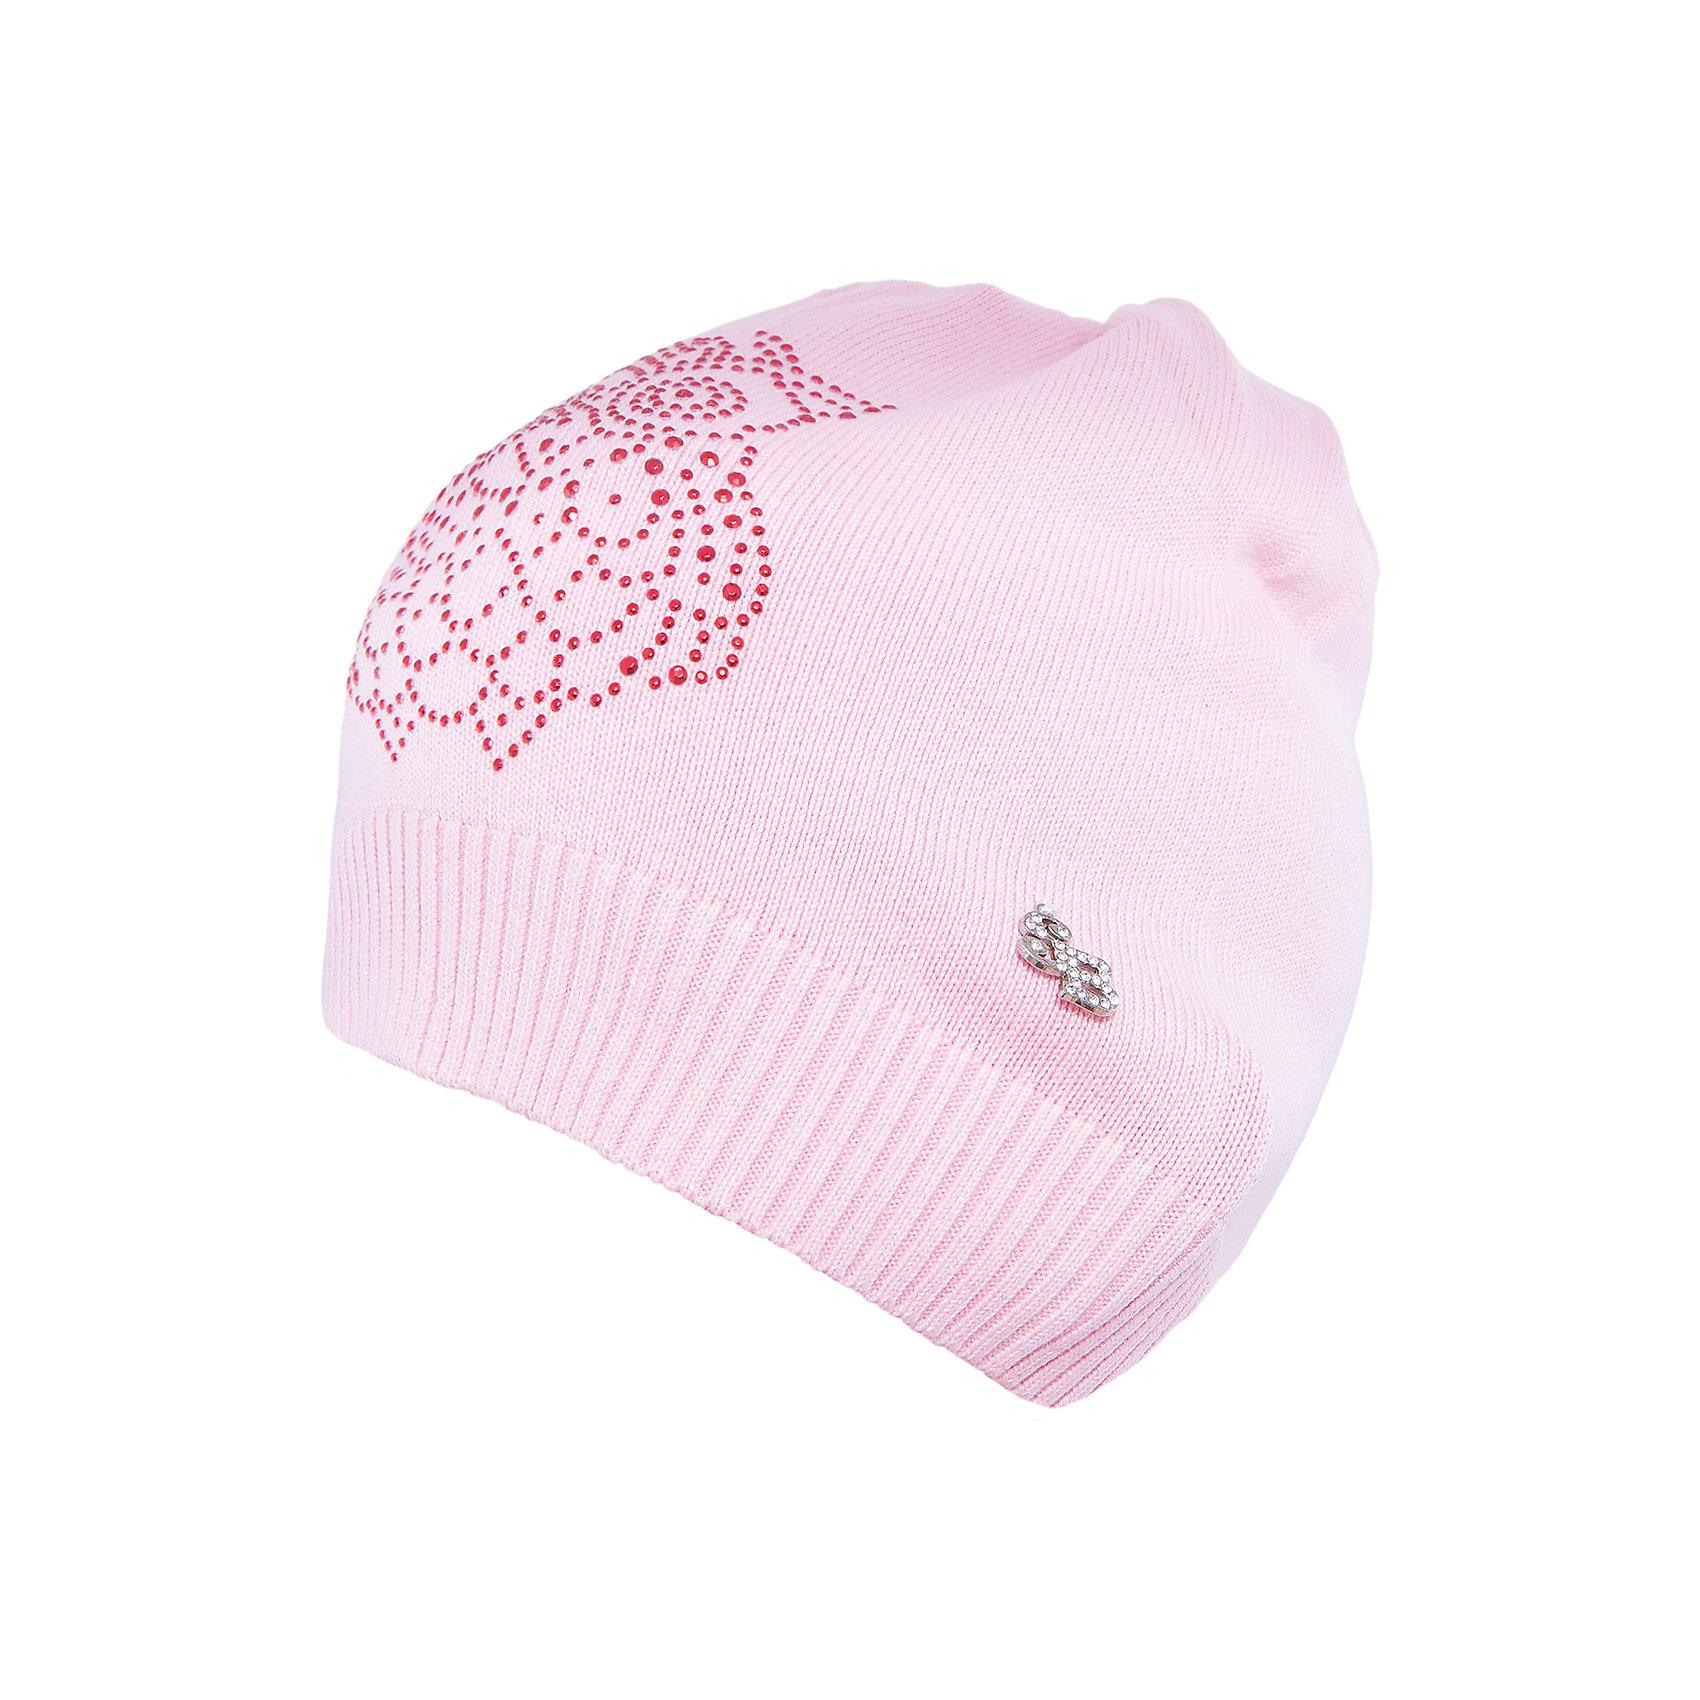 Шапка для девочки Sweet BerryТакая шапка для девочки отличается модным дизайном: узор из страз добавляет изделию оригинальности. Удачный крой обеспечит ребенку комфорт и тепло. Край изделия обработан мягкой резинкой, поэтому вещь плотно прилегает к голове. Украшена шапка симпатичной подвеской.<br>Одежда от бренда Sweet Berry - это простой и выгодный способ одеть ребенка удобно и стильно. Всё изделия тщательно проработаны: швы - прочные, материал - качественный, фурнитура - подобранная специально для детей. <br><br>Дополнительная информация:<br><br>цвет: розовый;<br>материал: 60% хлопок, 40% акрил;<br>украшена стразами и подвеской.<br><br>Шапку для девочки от бренда Sweet Berry можно купить в нашем интернет-магазине.<br><br>Ширина мм: 89<br>Глубина мм: 117<br>Высота мм: 44<br>Вес г: 155<br>Цвет: розовый<br>Возраст от месяцев: 72<br>Возраст до месяцев: 84<br>Пол: Женский<br>Возраст: Детский<br>Размер: 54,50,52<br>SKU: 4931672